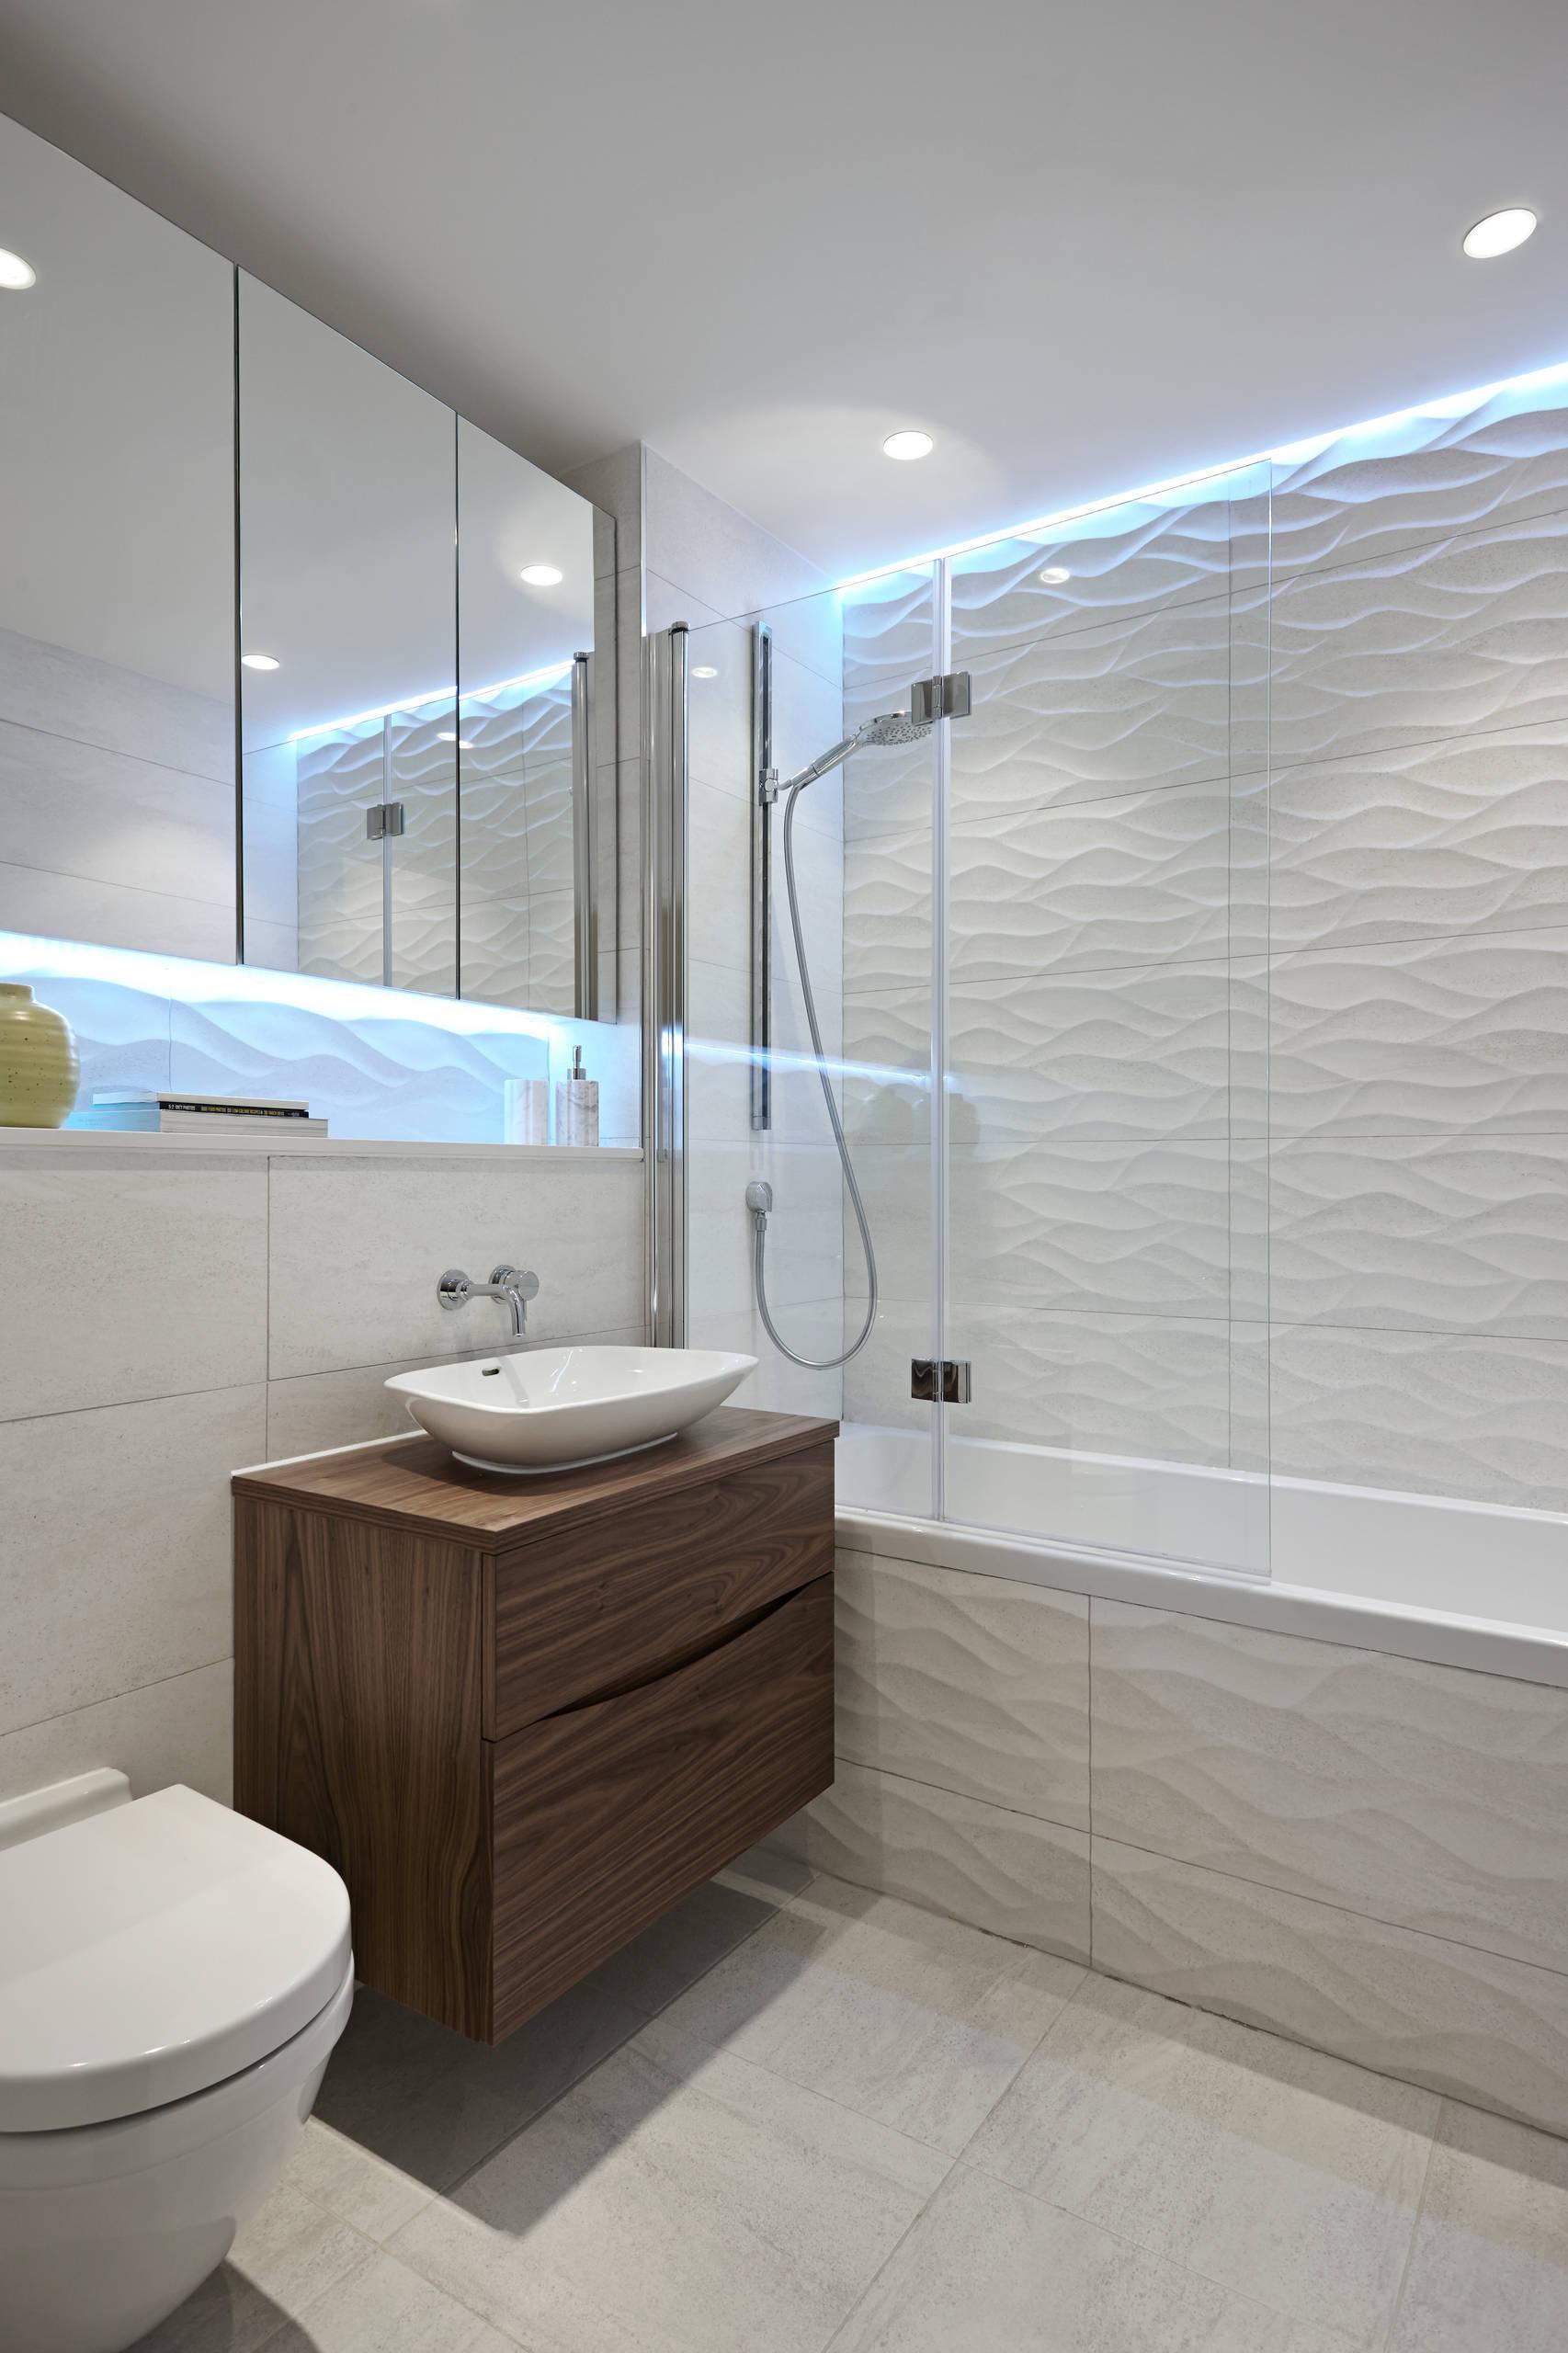 Ванная комната в современном стиле с настольной раковиной и продолговатым зеркальным шкафом сверху